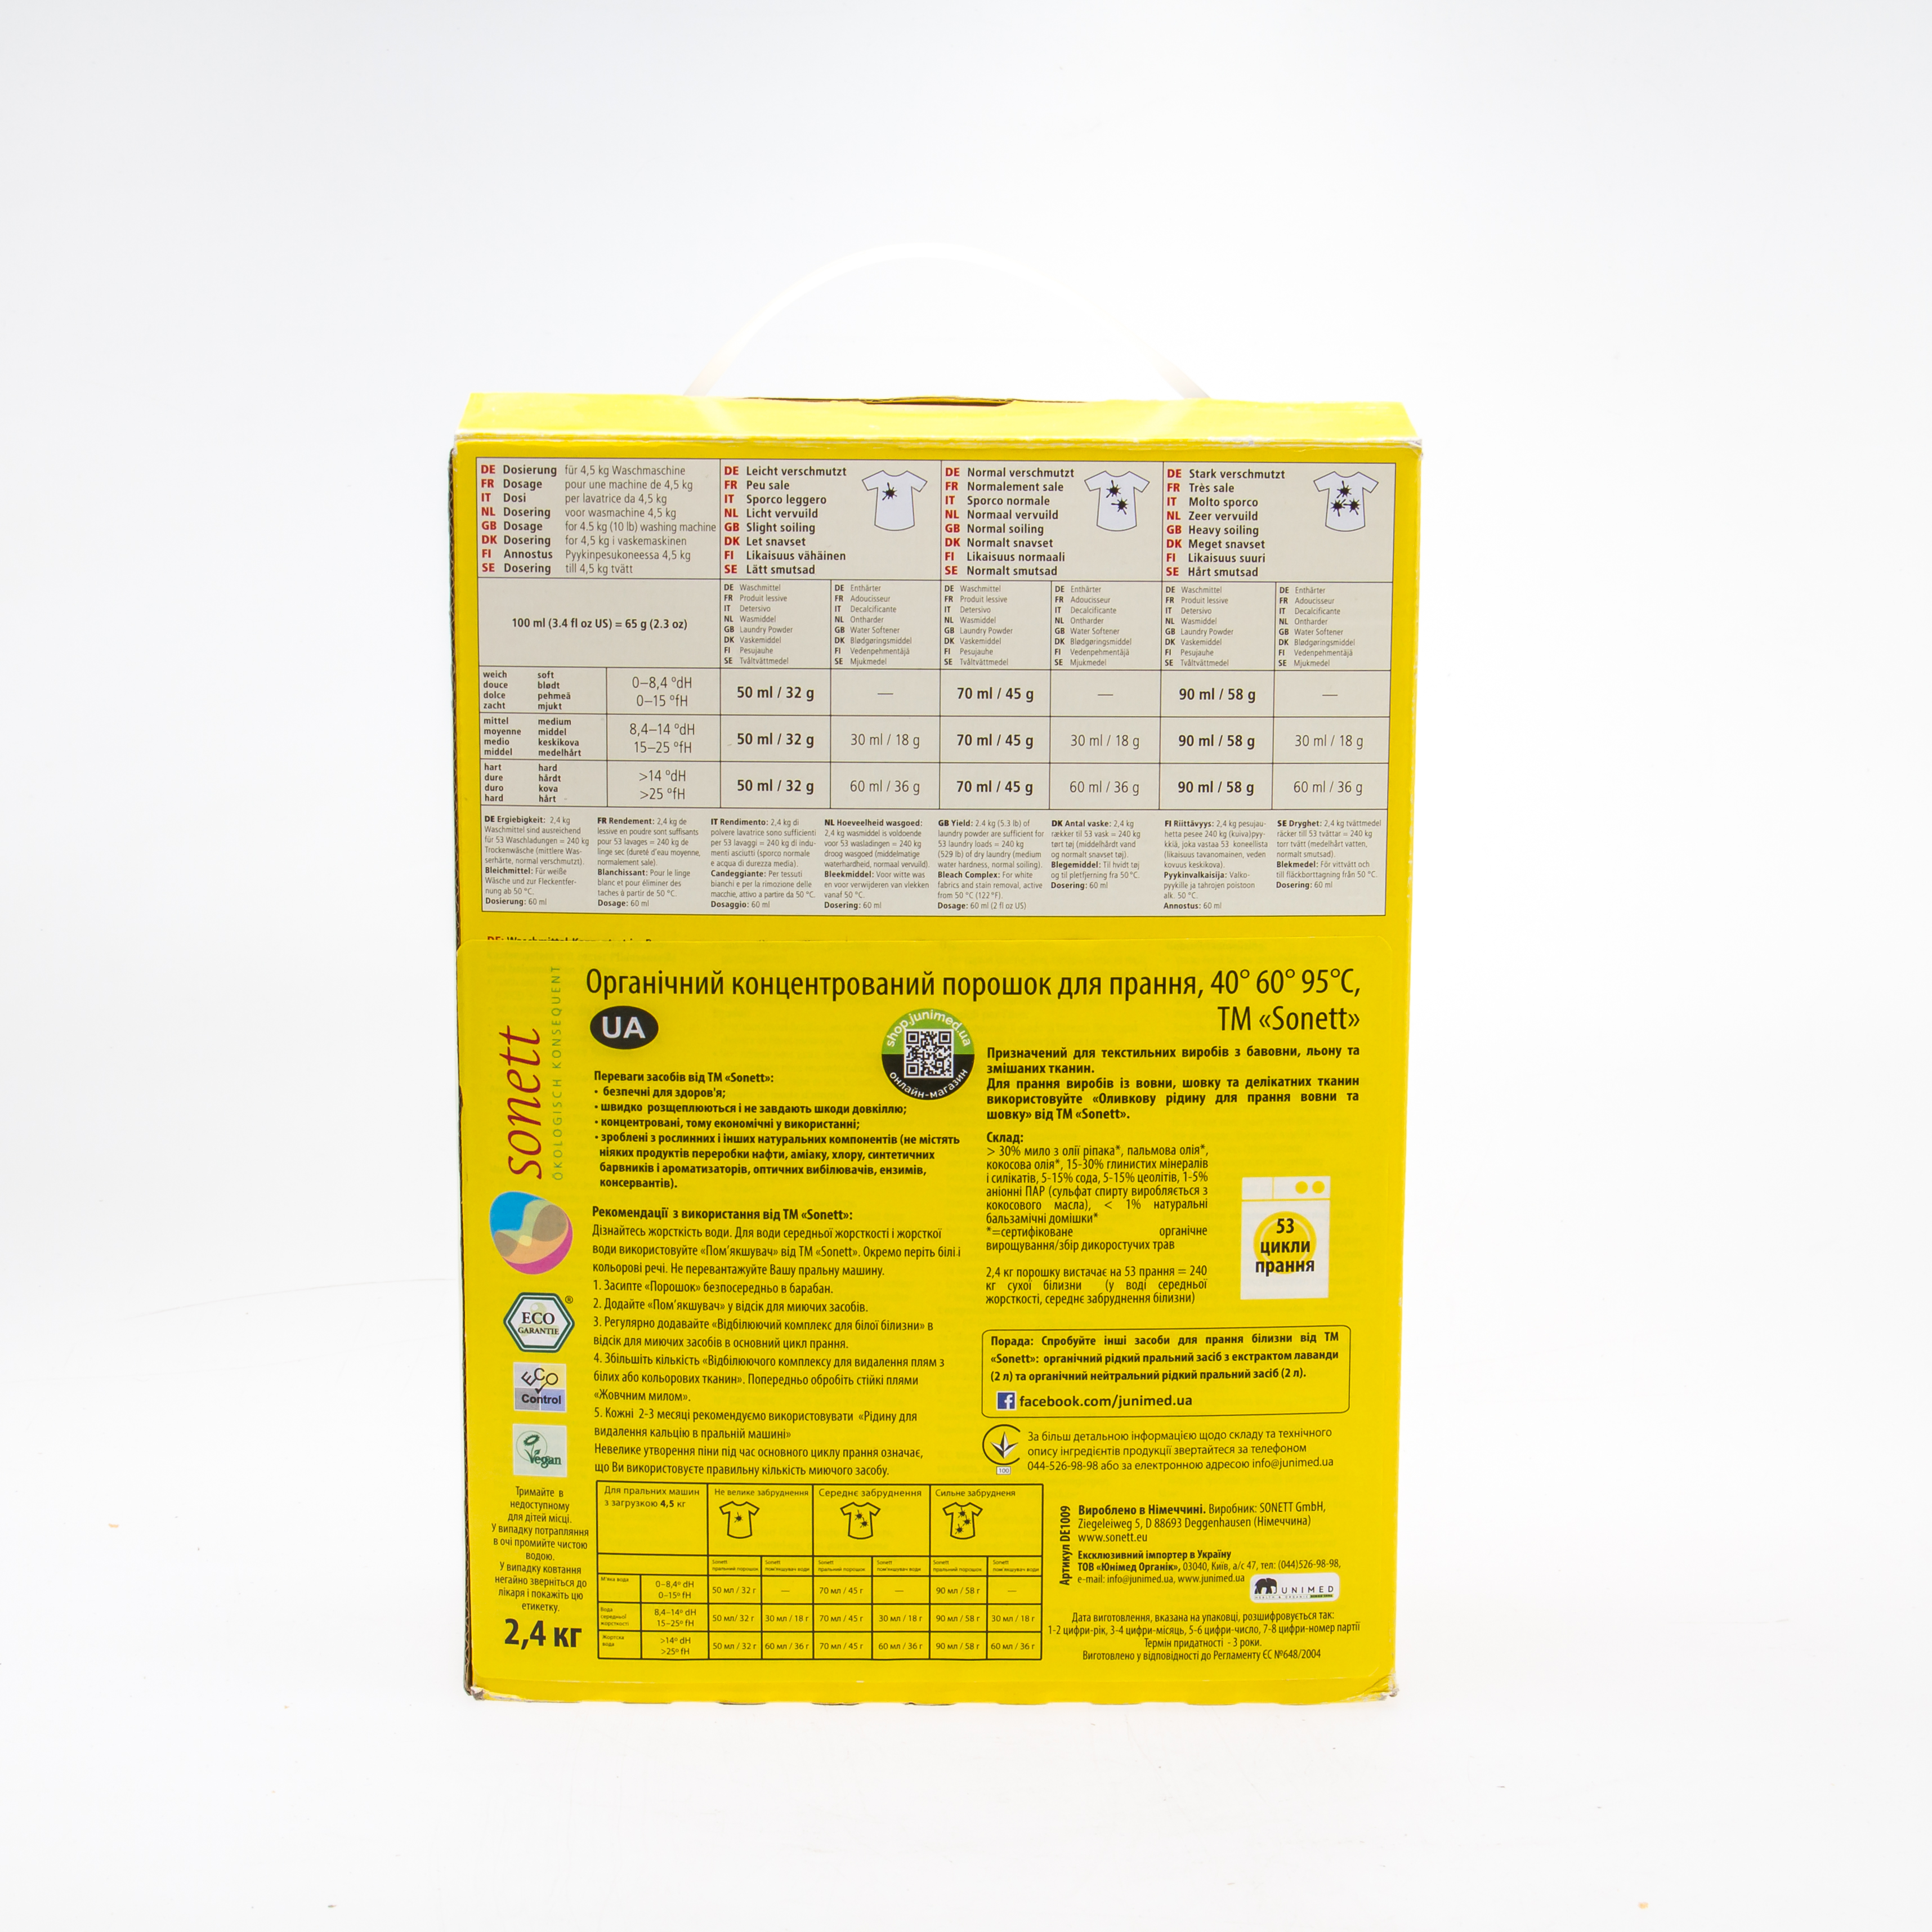 Sonett органічний порошок для прання. Концентрат, 2,4 кг - купити в інтернет-магазині Юнимед